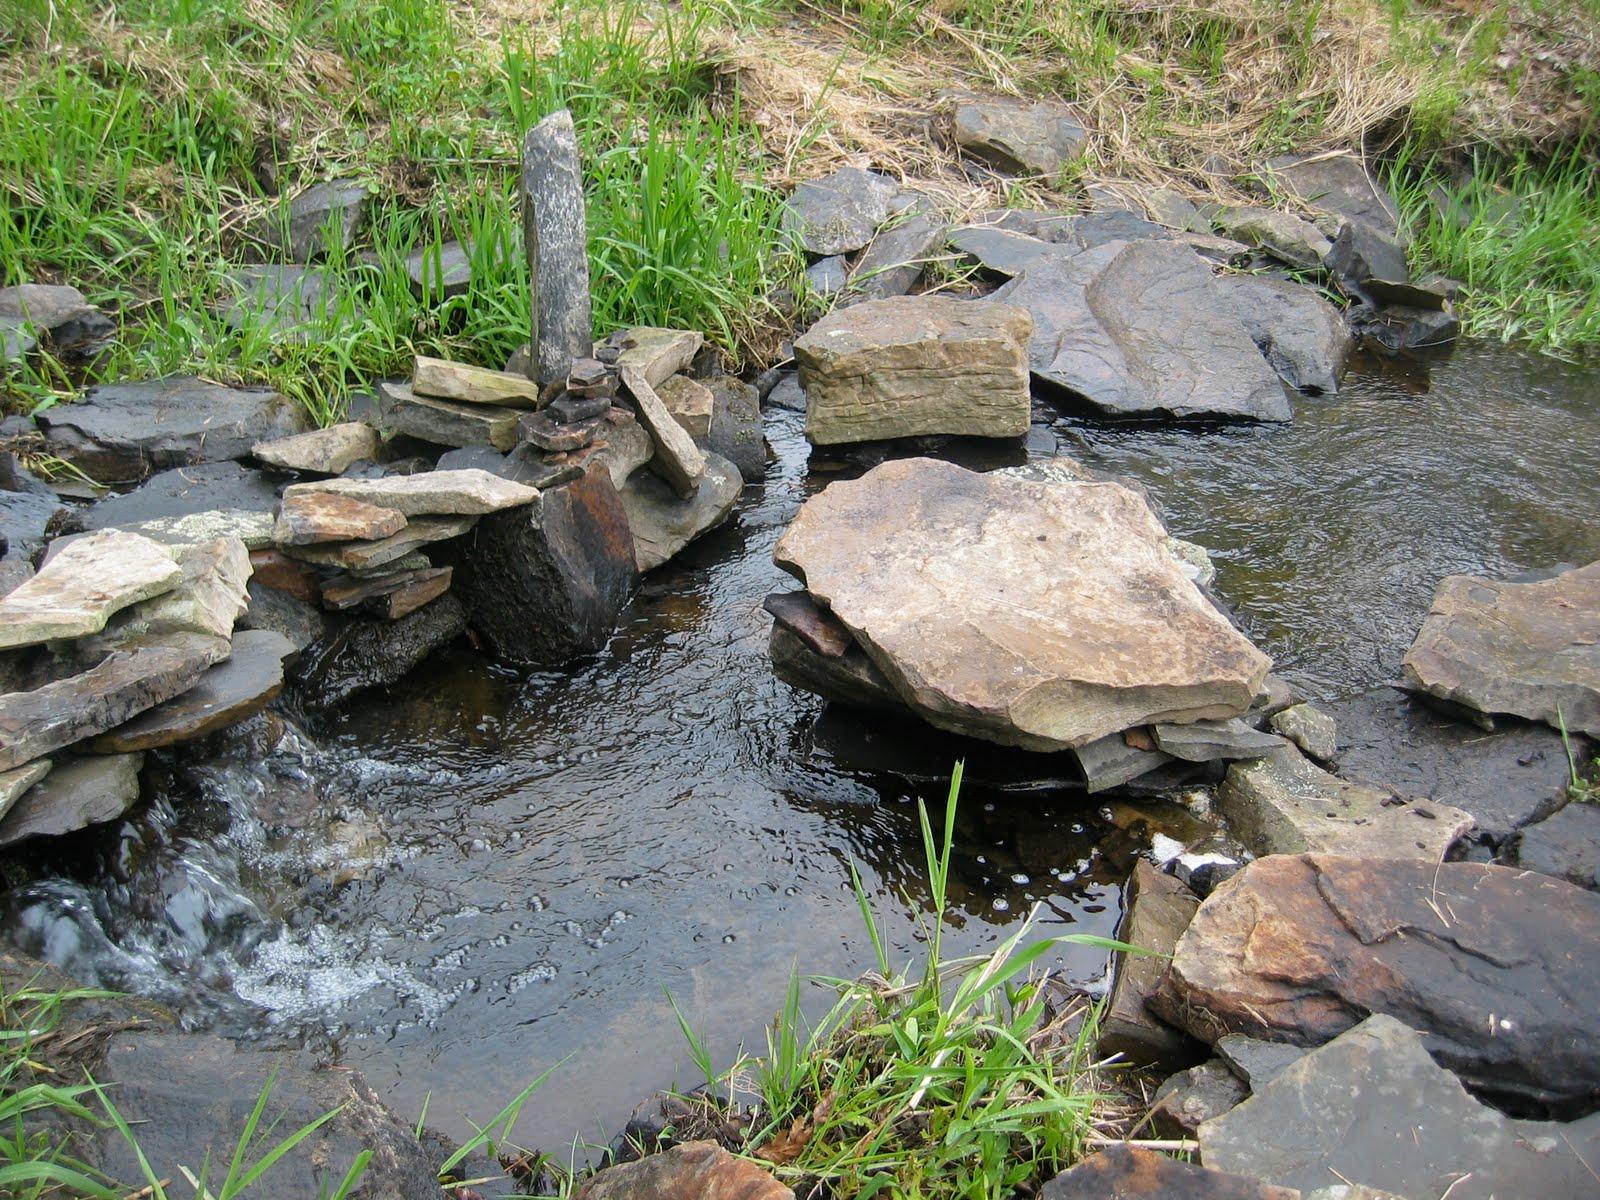 b-Home Studio: Rebekah Hren's stream/rock/waterfall design